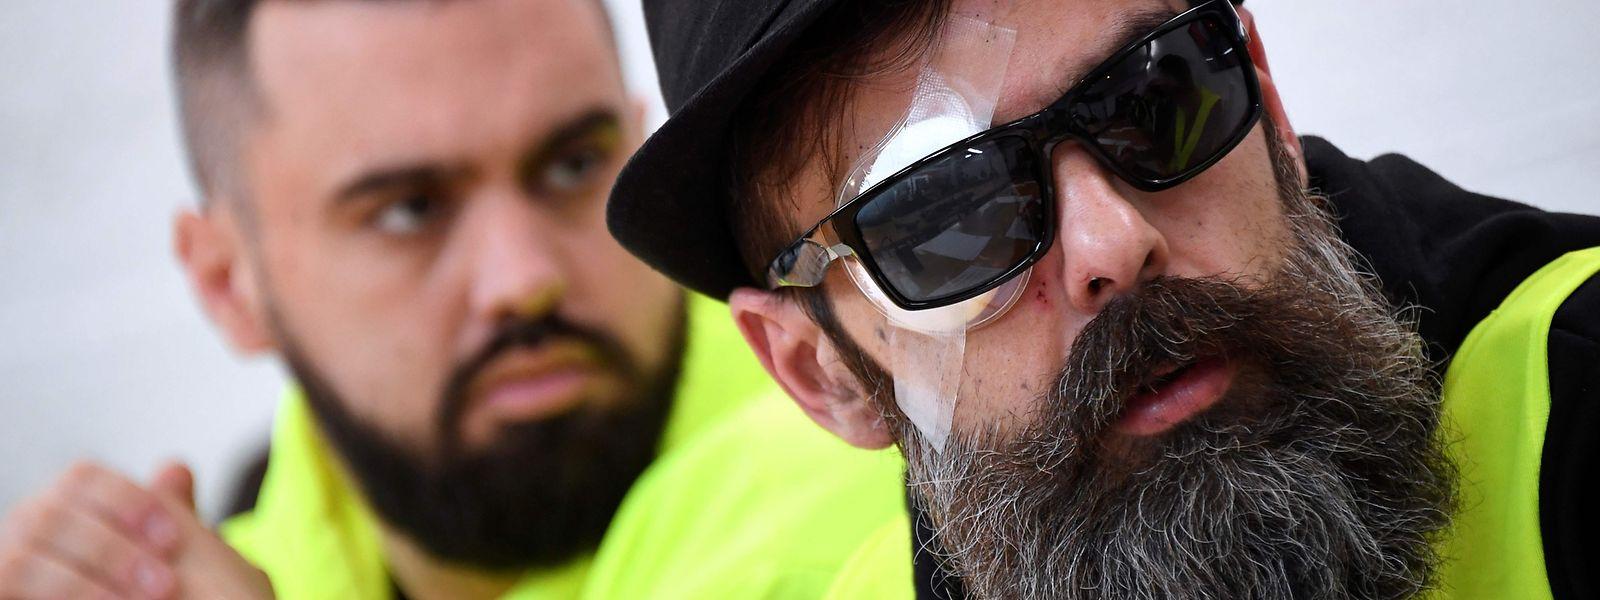 Jerome Rodrigues und Eric Drouet wehren sich gegen den brutalen Einsatz der Polizei.